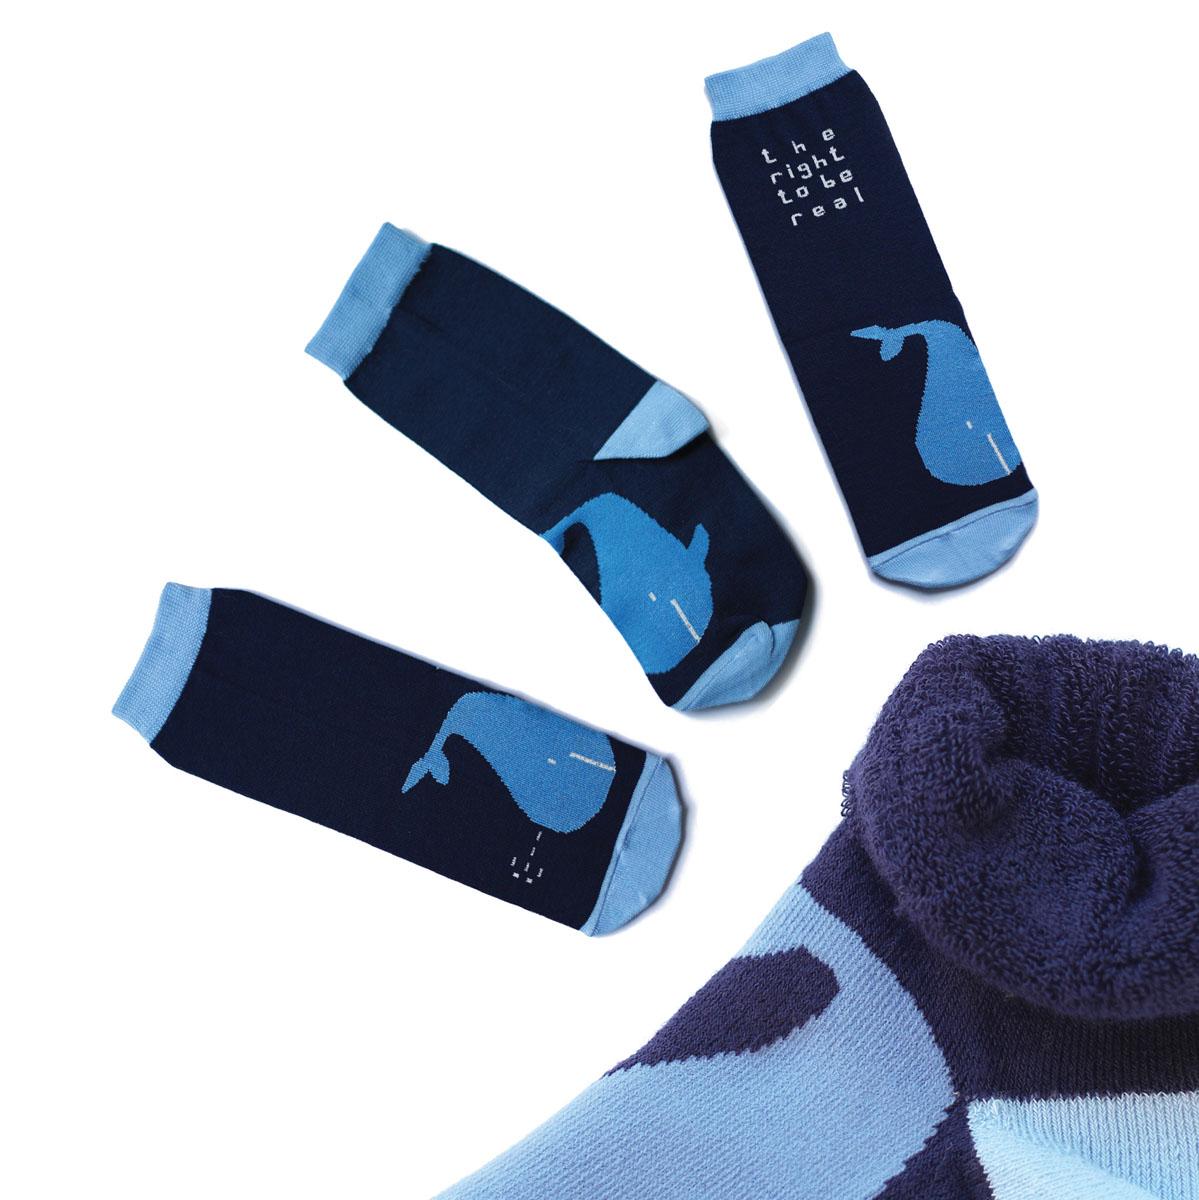 Носкиca1323Яркие женские носки Big Bang Socks изготовлены из высококачественного хлопка с добавлением полиамидных и эластановых волокон, которые обеспечивают великолепную посадку. Носки отличаются ярким стильным дизайном. Они оформлены изображением кита и надписью на английском языке. Удобная резинка идеально облегает ногу и не пережимает сосуды, усиленные пятка и мысок повышают износоустойчивость носка, а удлиненный паголенок придает более эстетичный вид. Дизайнерские носки Big Bang Socks - яркая деталь в вашем образе и оригинальный подарок для друзей и близких.